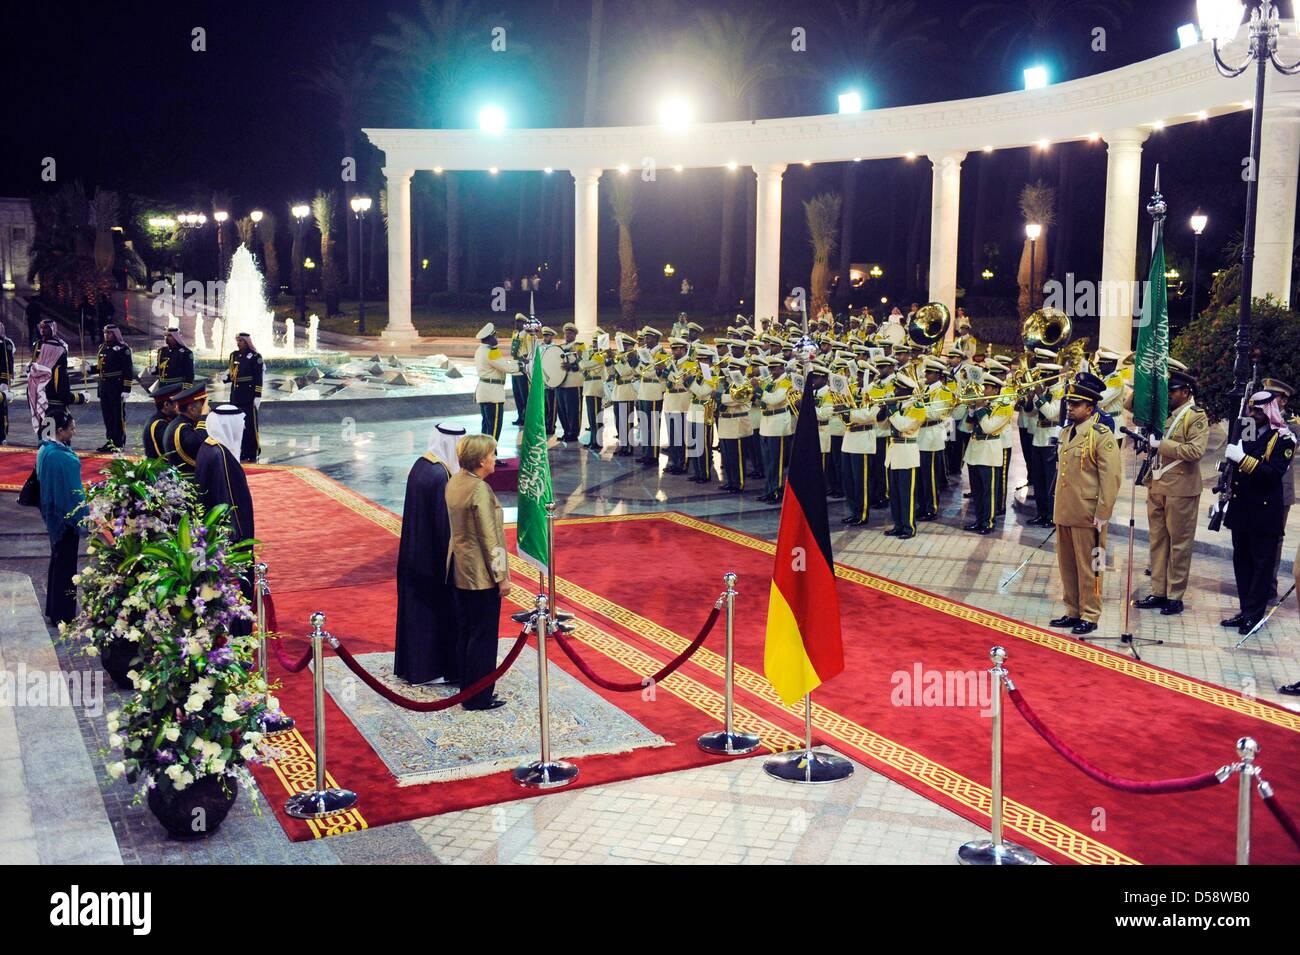 Bundeskanzlerin Angela Merkel (CDU. Mitte rechts) wird am Dienstag (25.05.2010) vor dem Palast des Königs in Immagini Stock